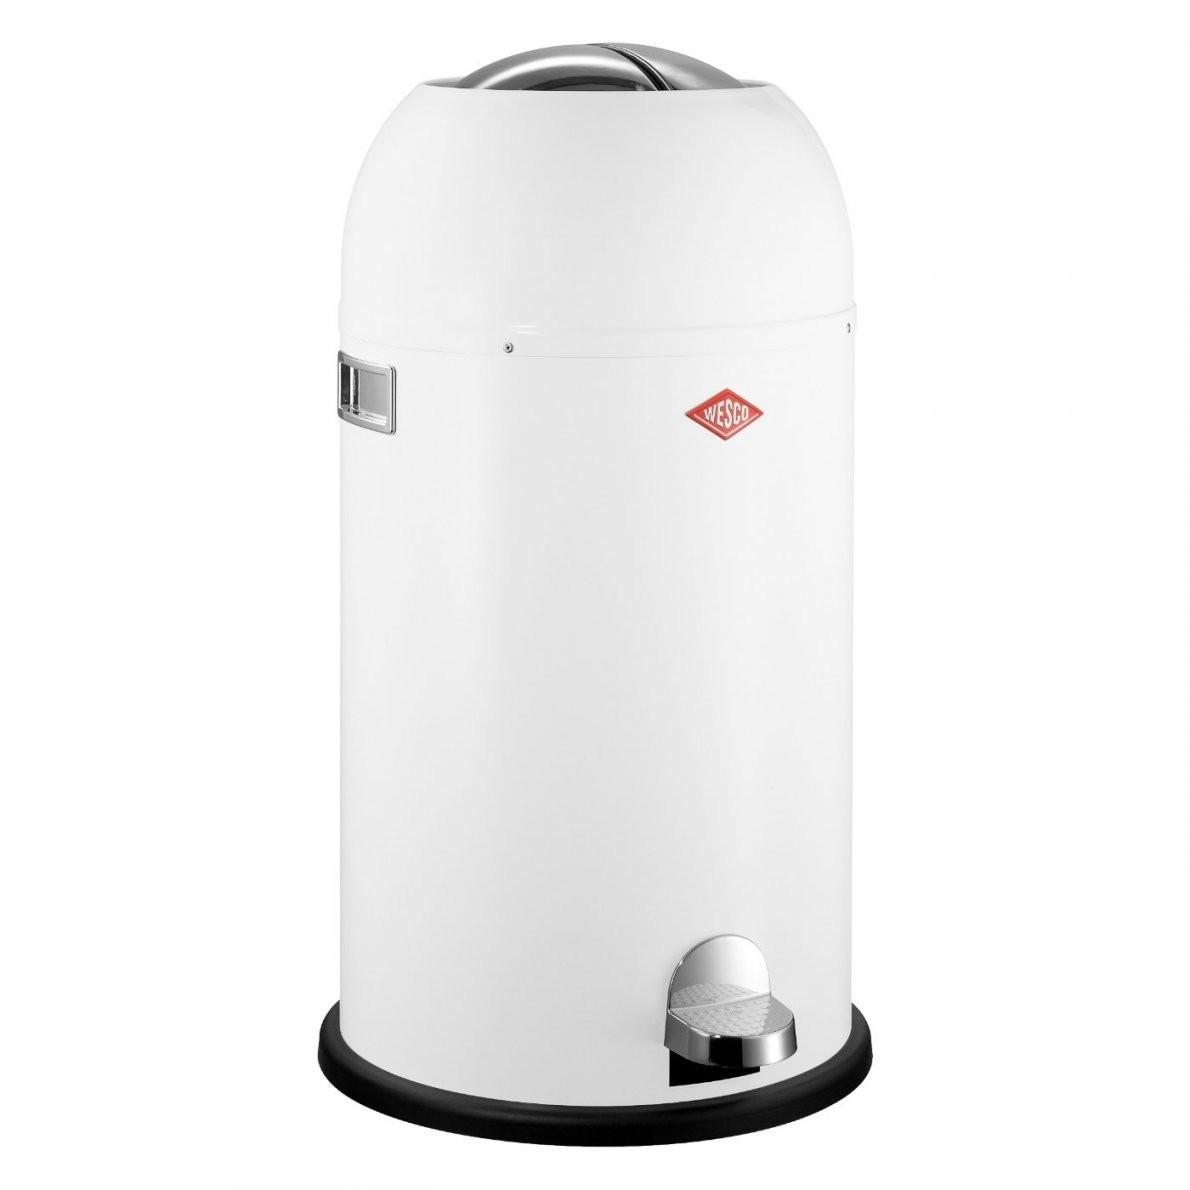 Kickmaster 33 Liter Weiß Mülleimer  Wesco Onlineshop von Mülleimer Küche Wesco Bild